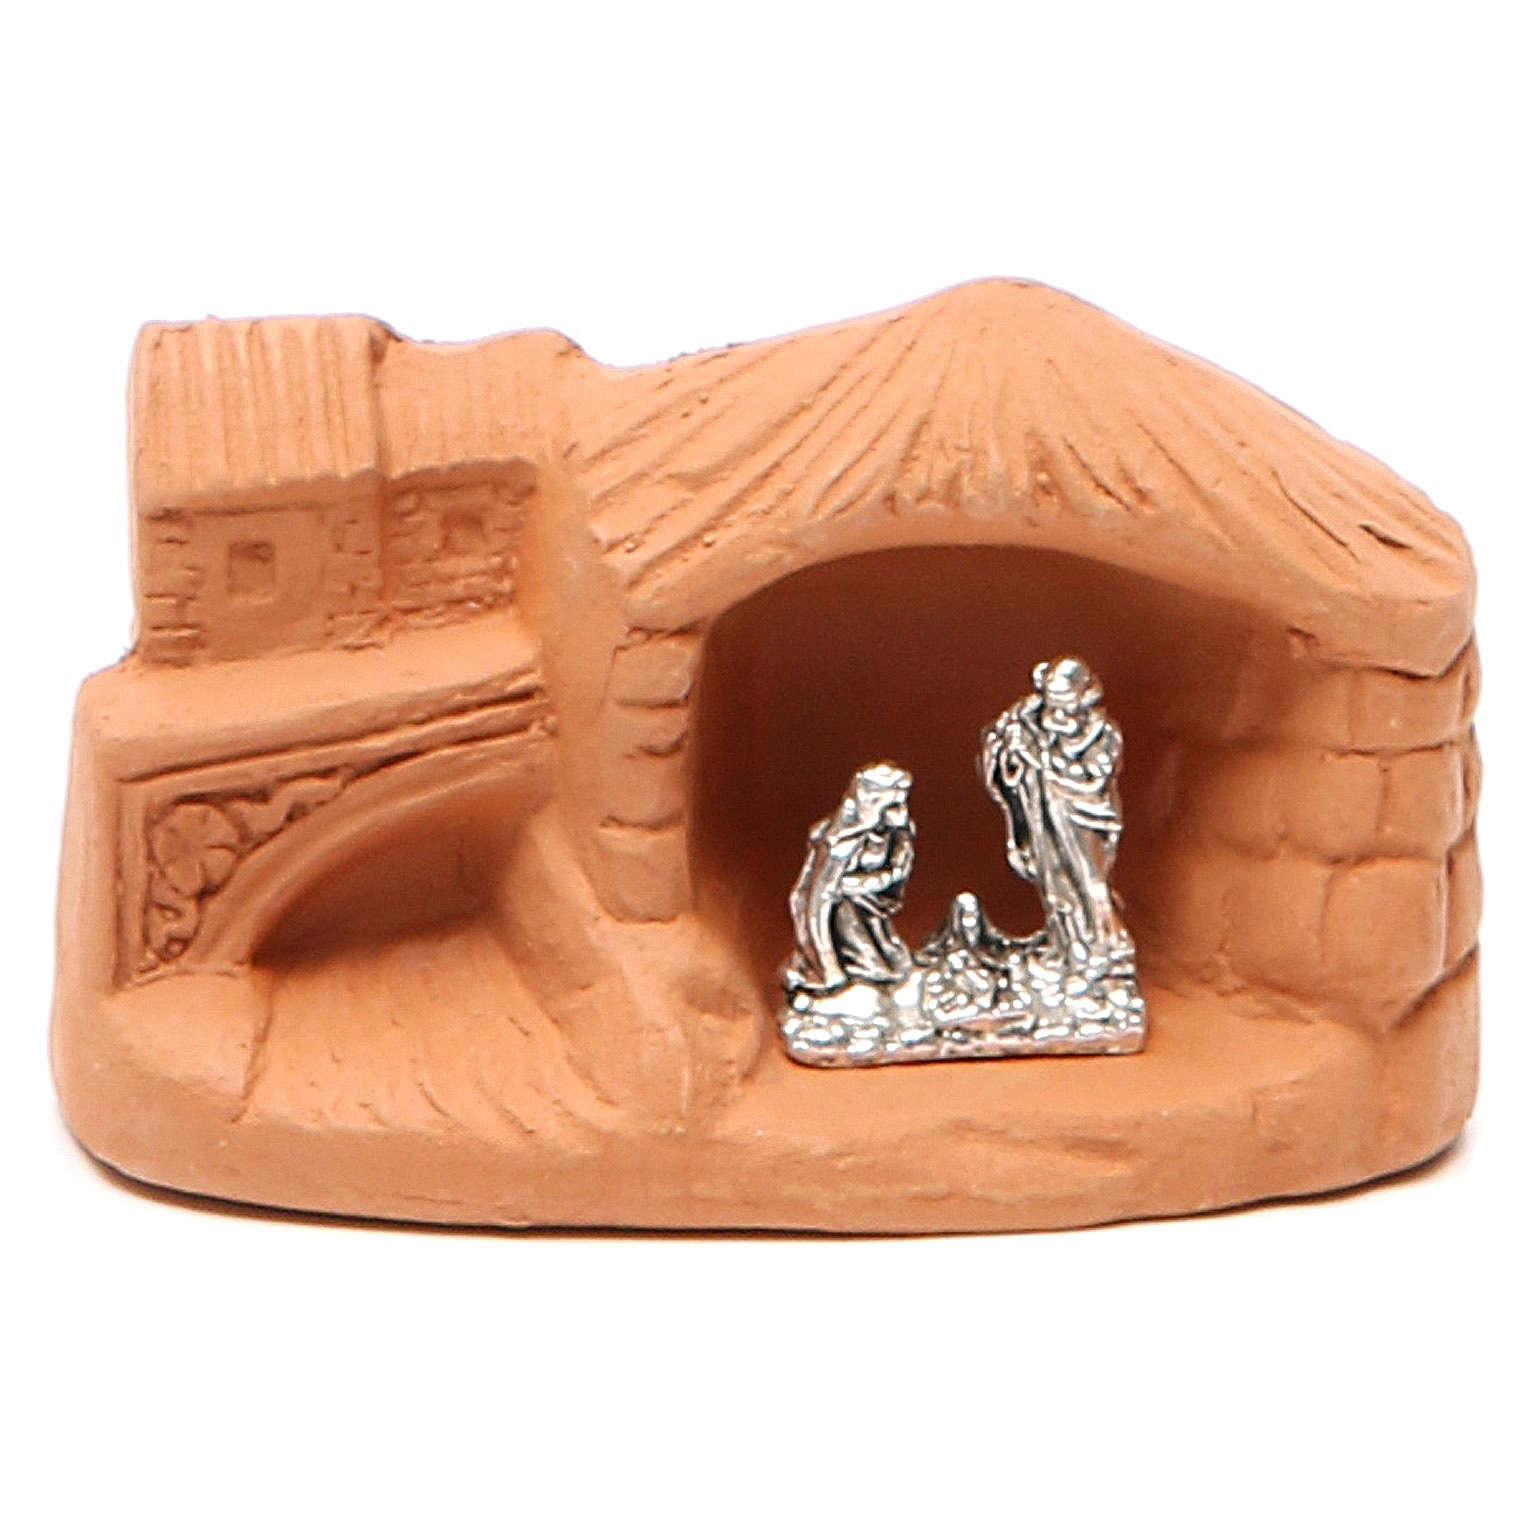 Natividad en miniatura terracota natural 5x4x7 cm 4